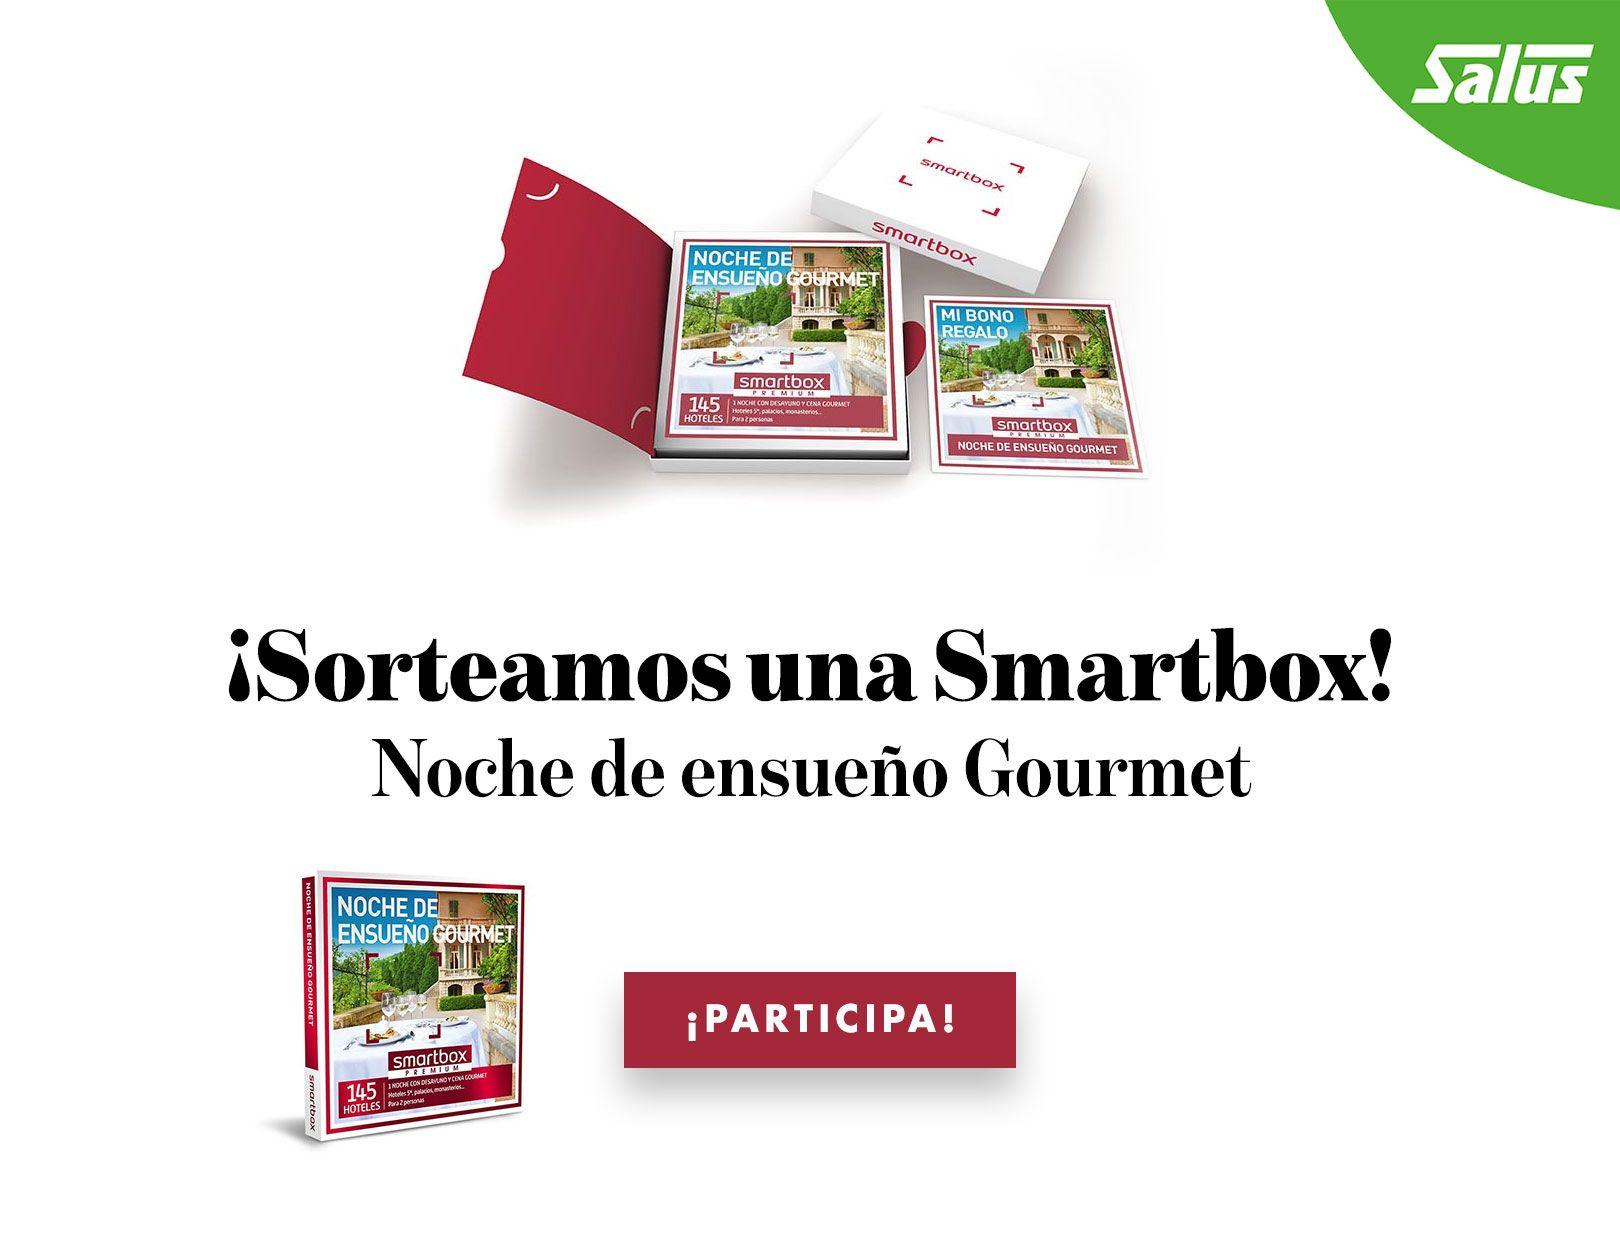 Consigue Gratis Una Smartbox Noche De Ensueño Gourmet Sorteo Marca De Ropa Gourmet